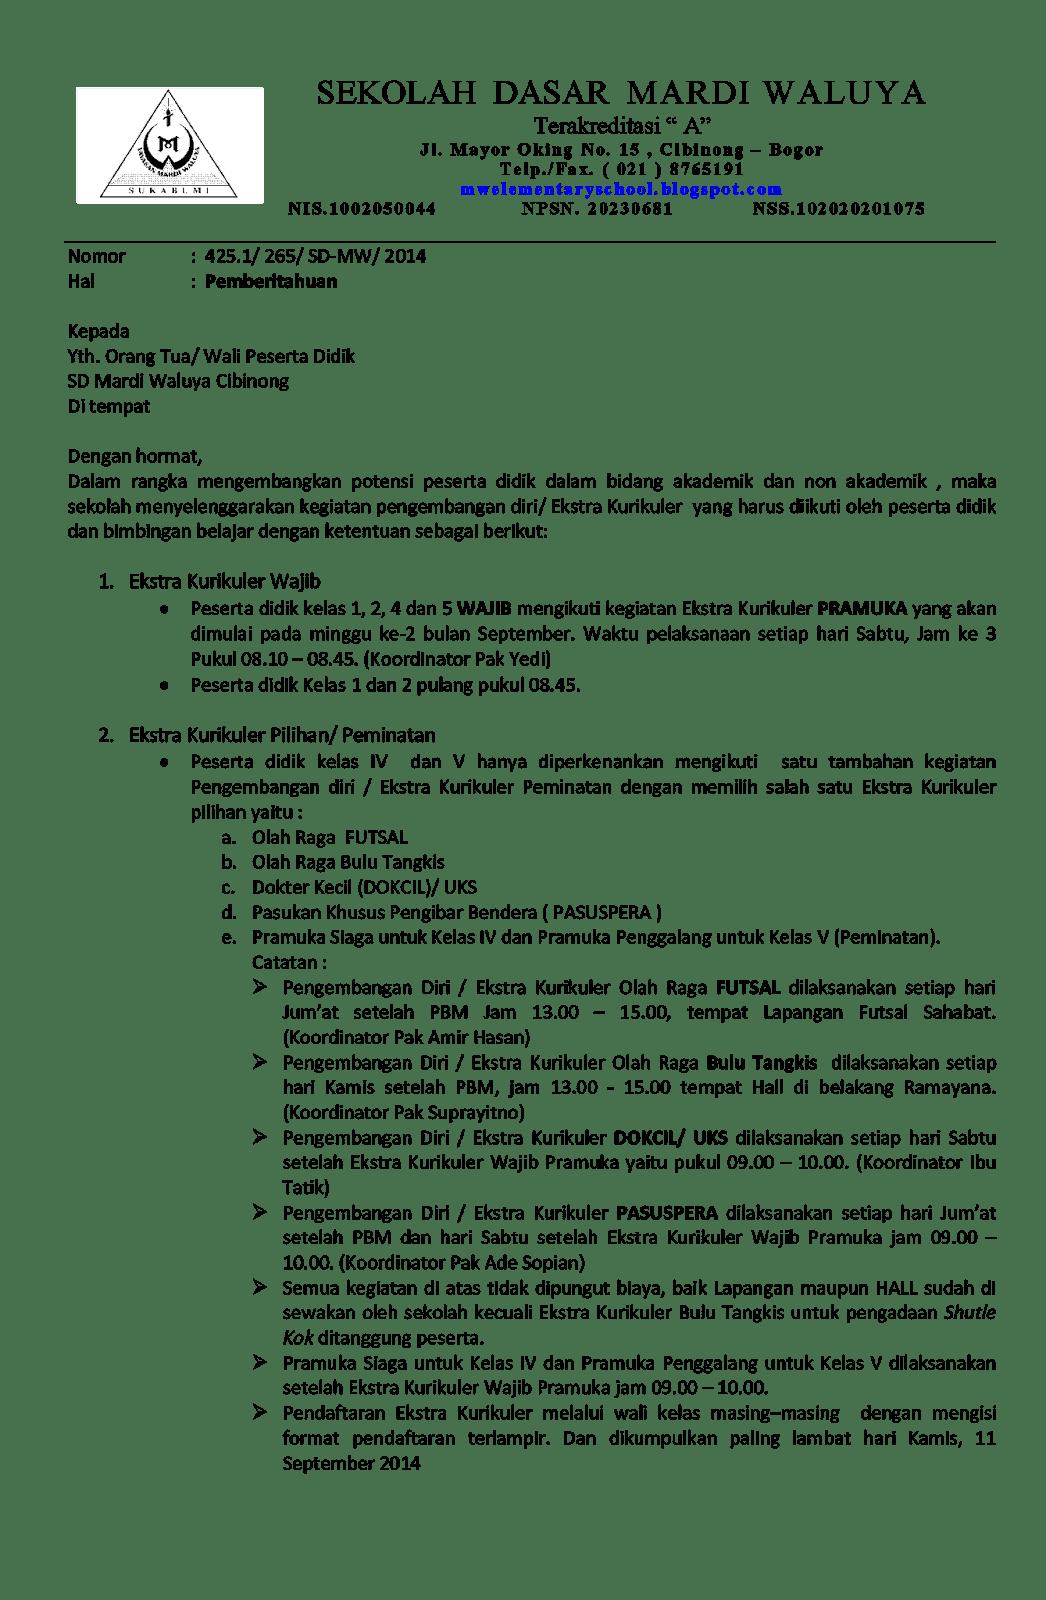 Contoh Surat Pemberitahuan Kegiatan Ekstrakurikuler